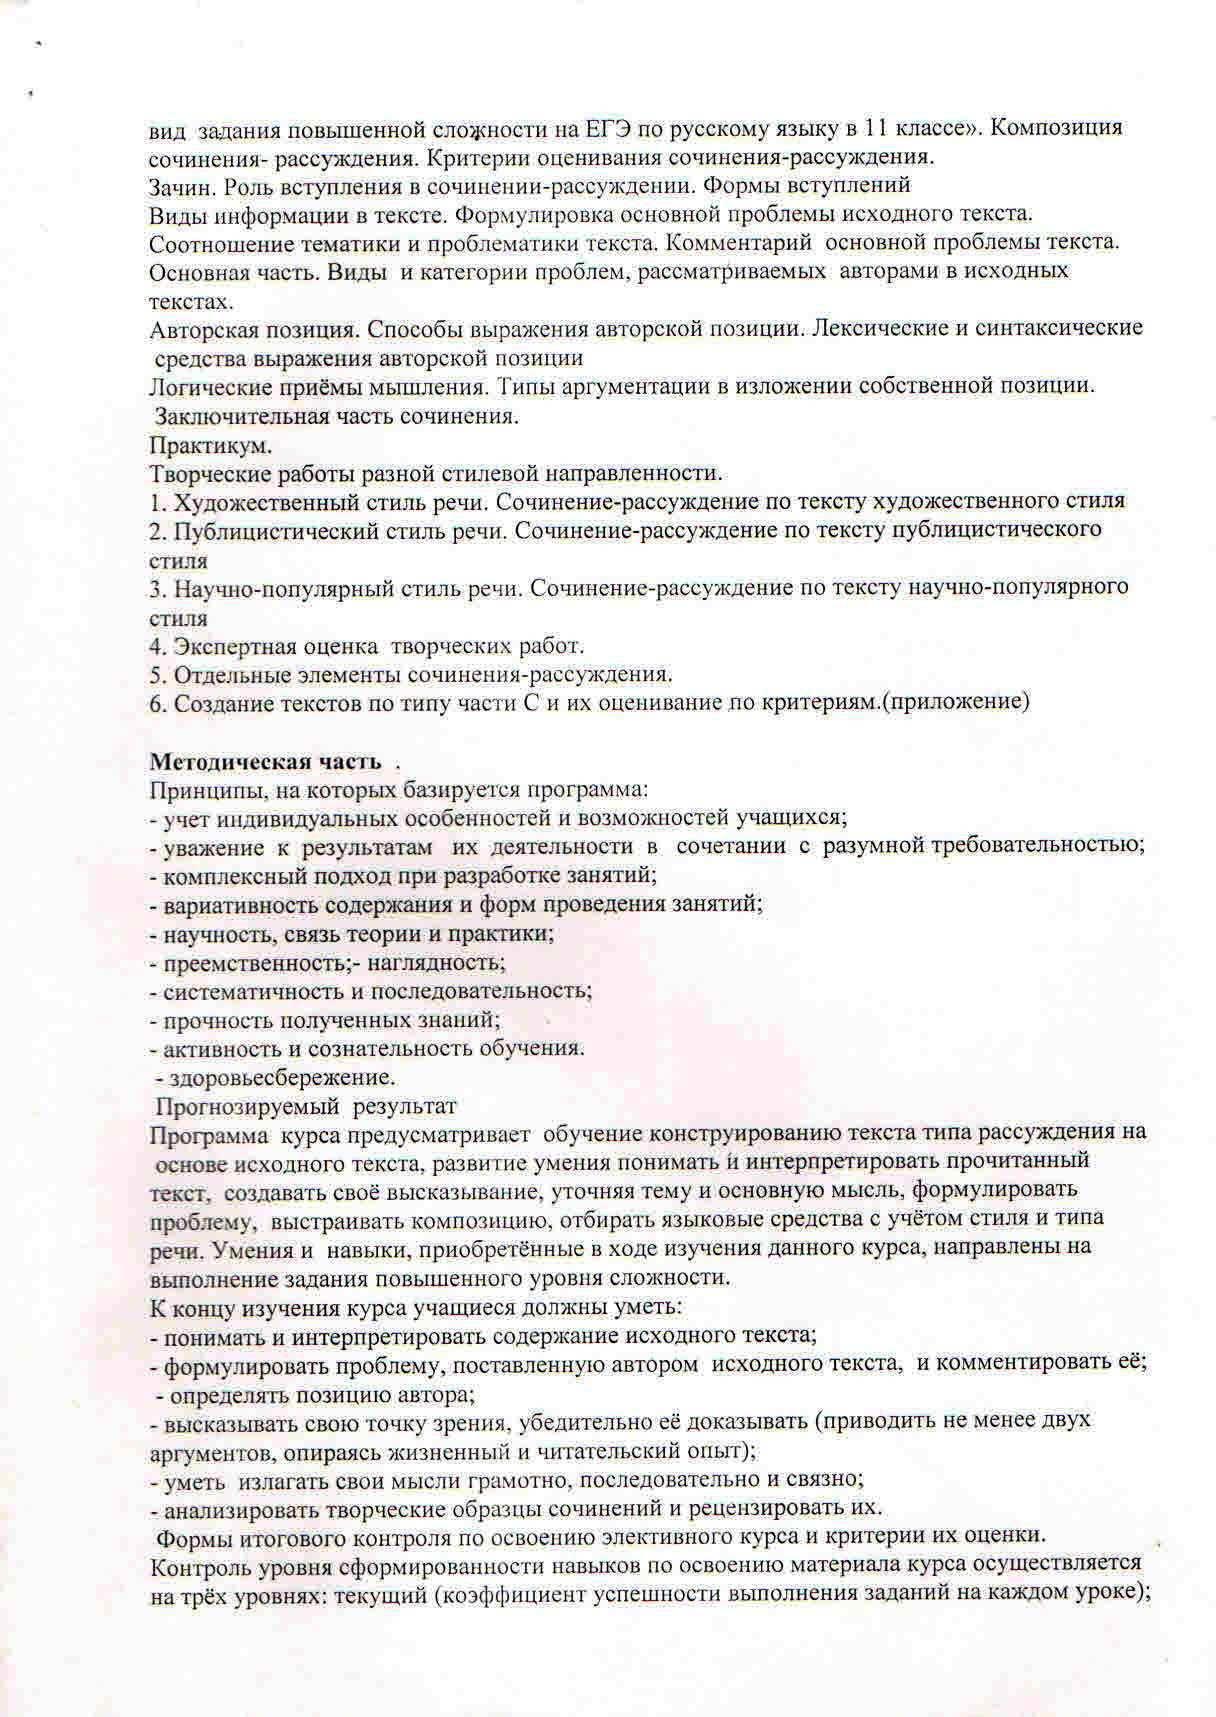 C:\Users\Татьяна\Desktop\программа факультативного курса по русскому языку Учимся писать рецензию 11 класс\13.jpg